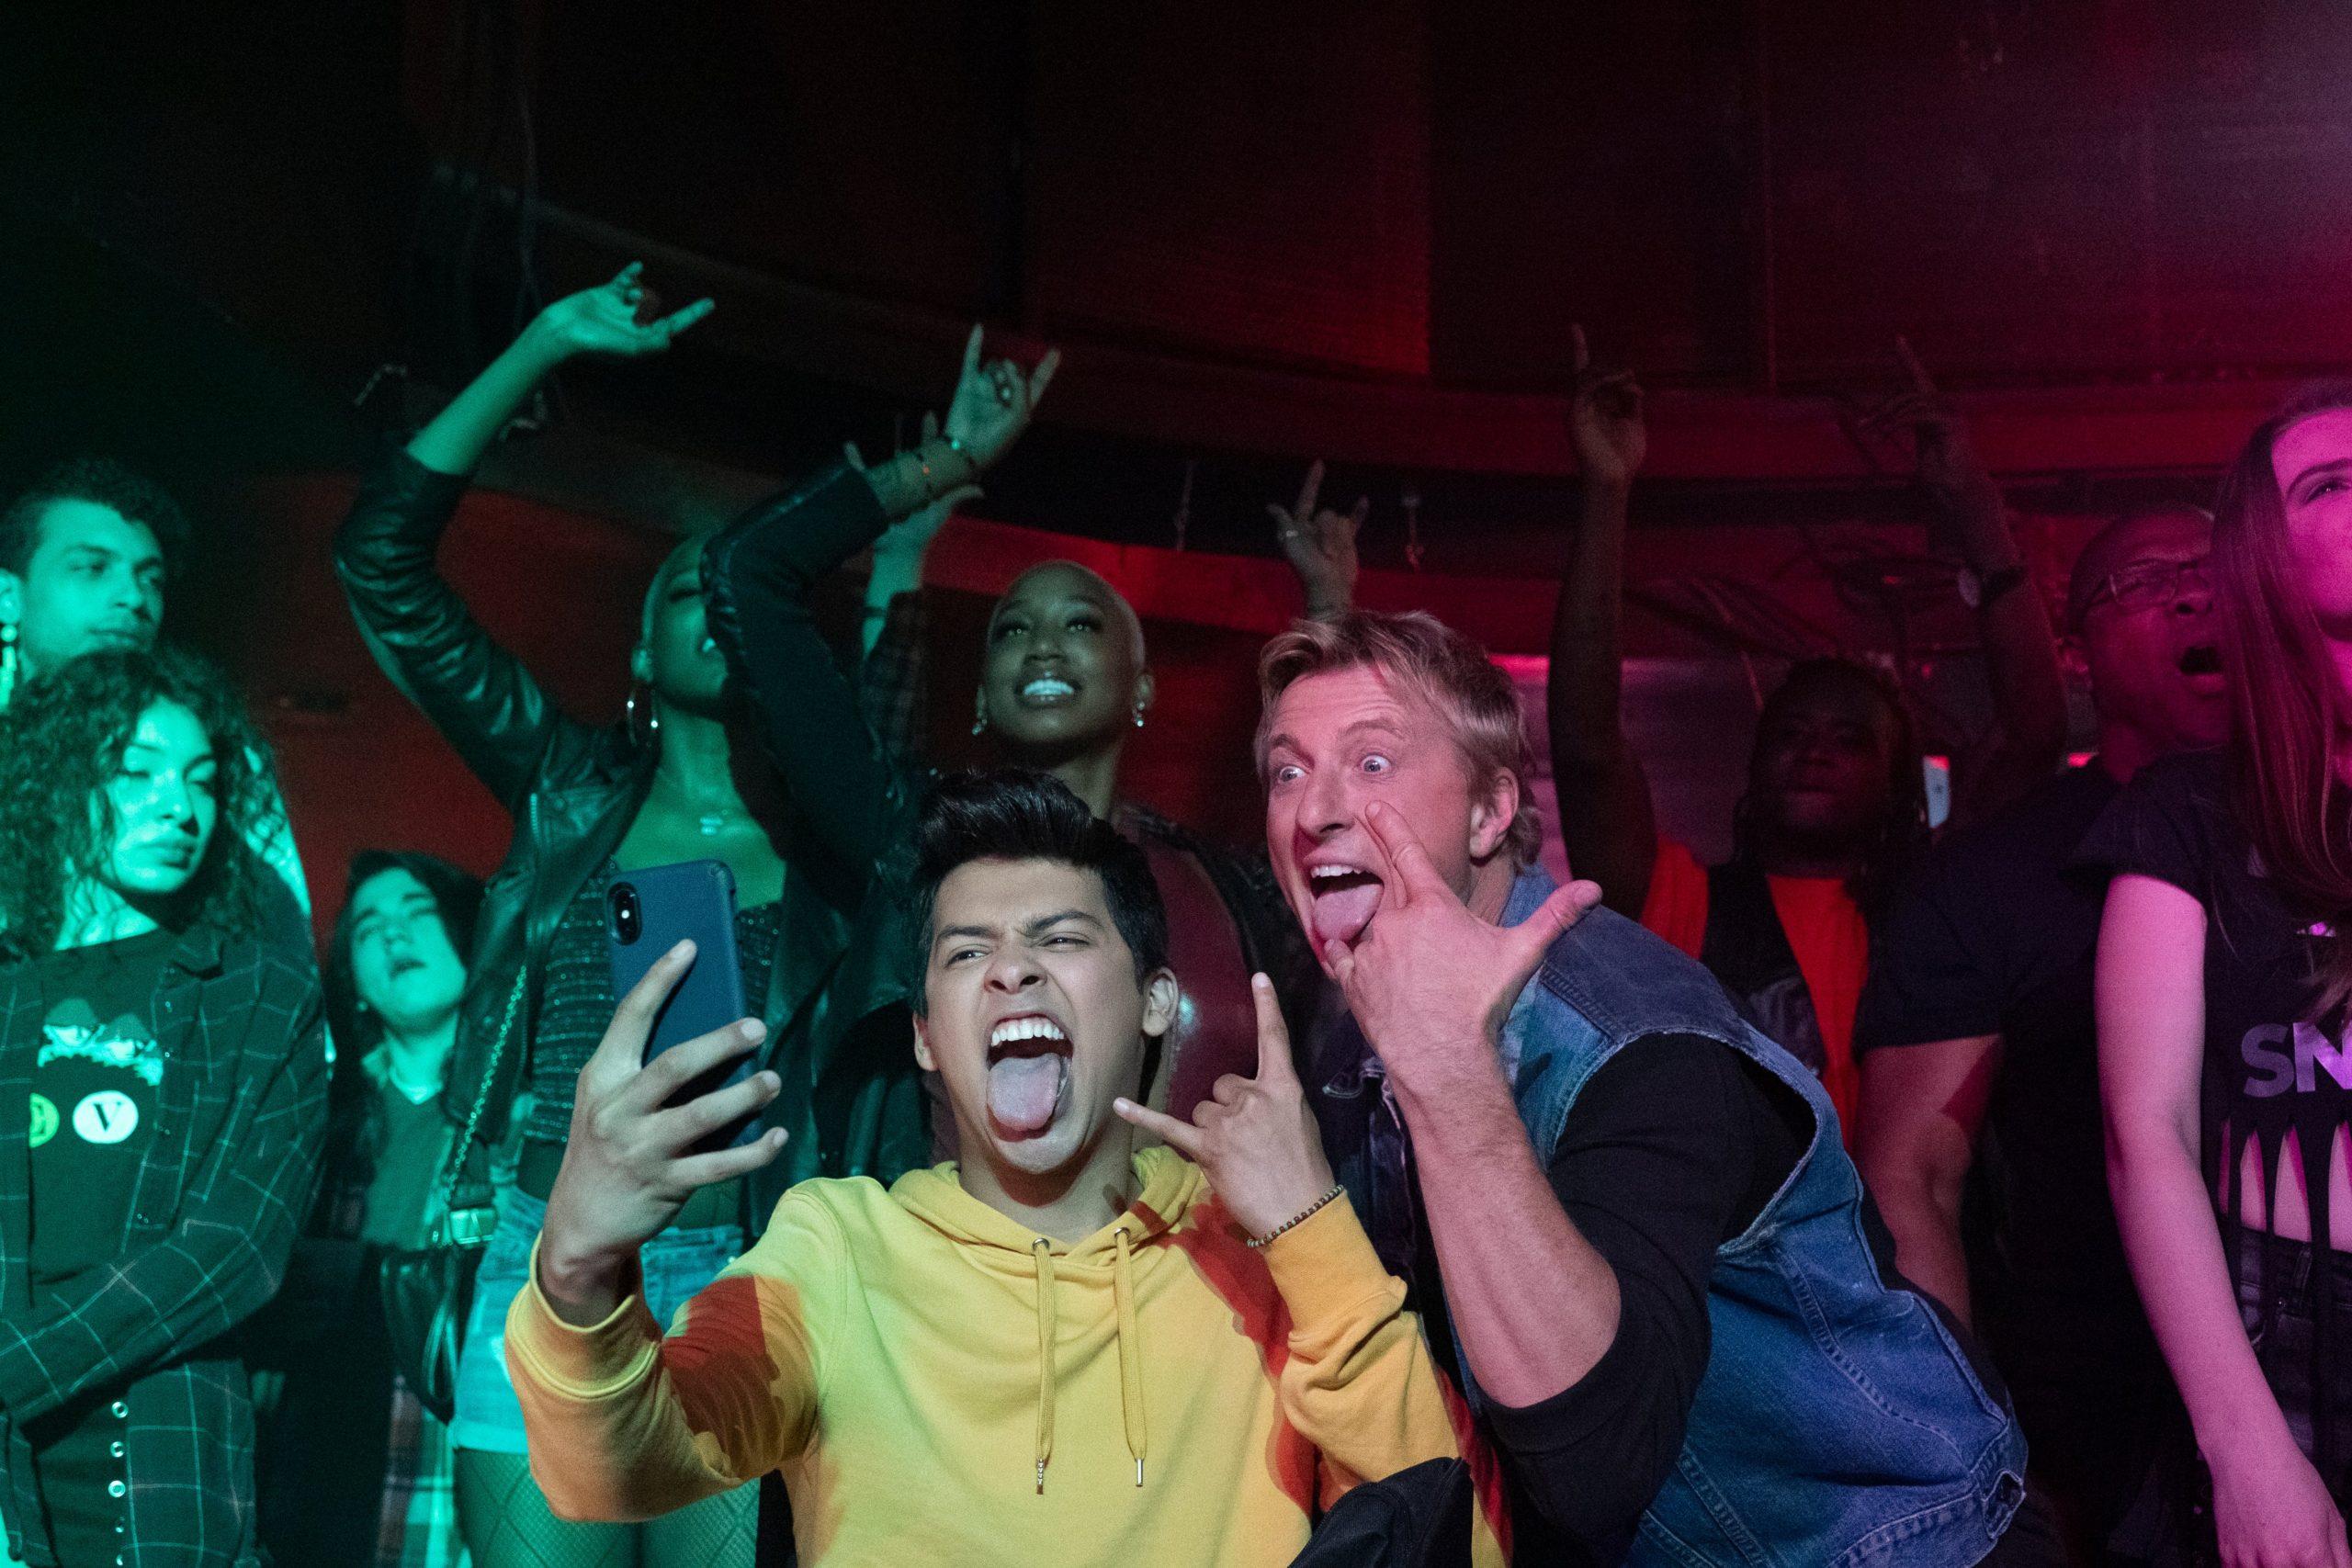 Dois amigos ao centro tirando uma selfie, fazendo sinal de rock n' roll com as mãos e mostrando a língua. Ao fundo, um grupo de pessoas aproveitando um show de música